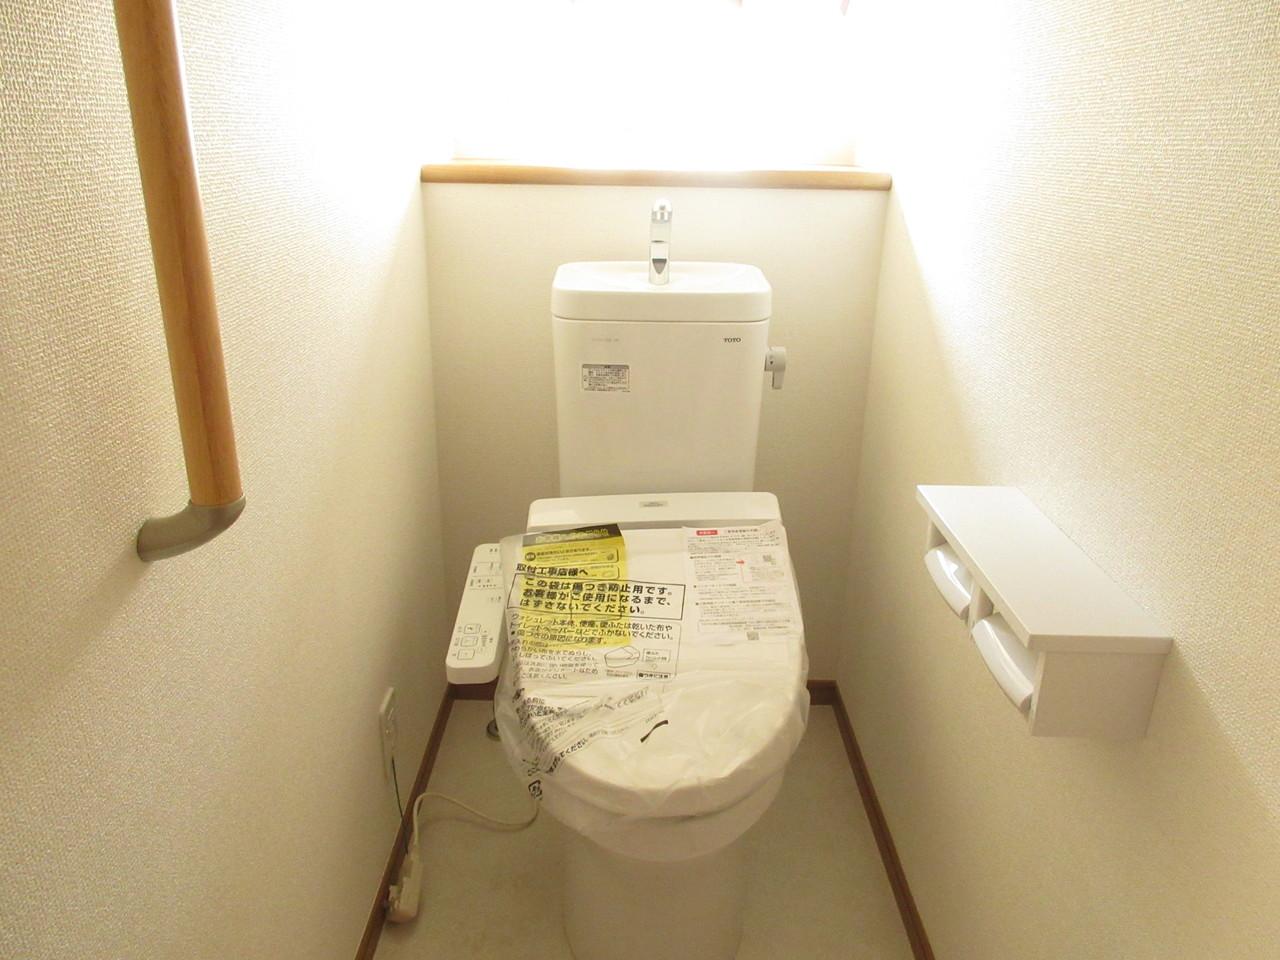 手すり付きでお子さまや年配の方にも優しいトイレです◎棚付きなのでお洒落にDIYしてみてはいかがでしょうか(^^)